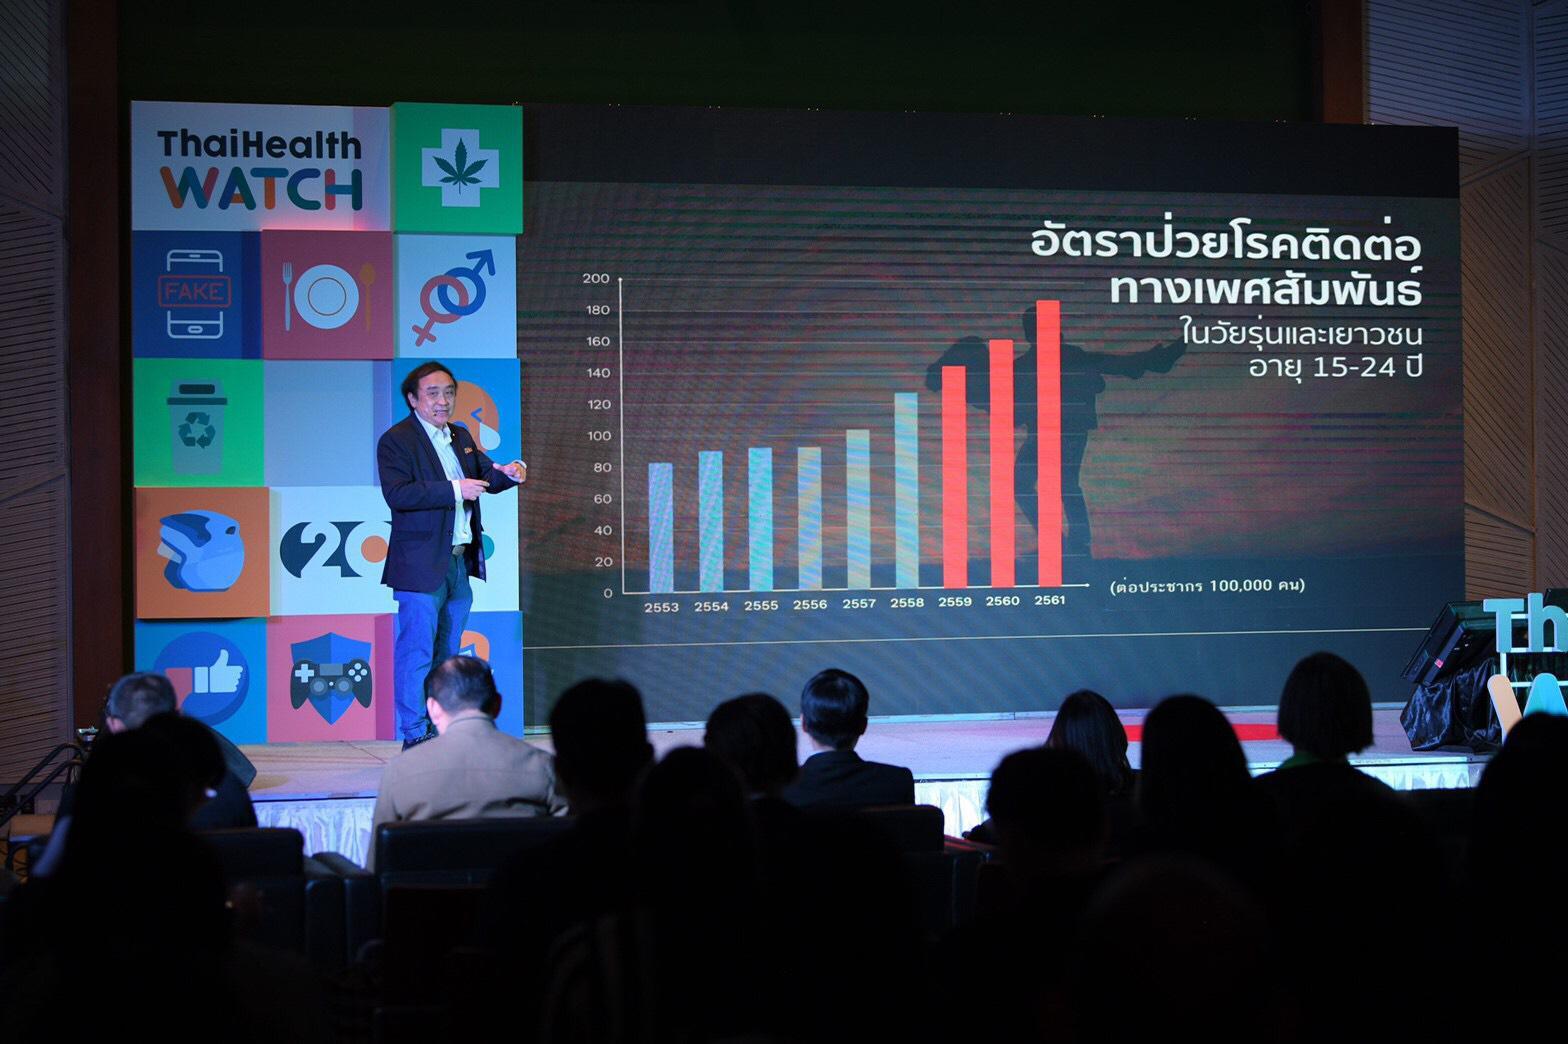 เปิด 10 พฤติกรรมสุขภาพคนไทยปี 63